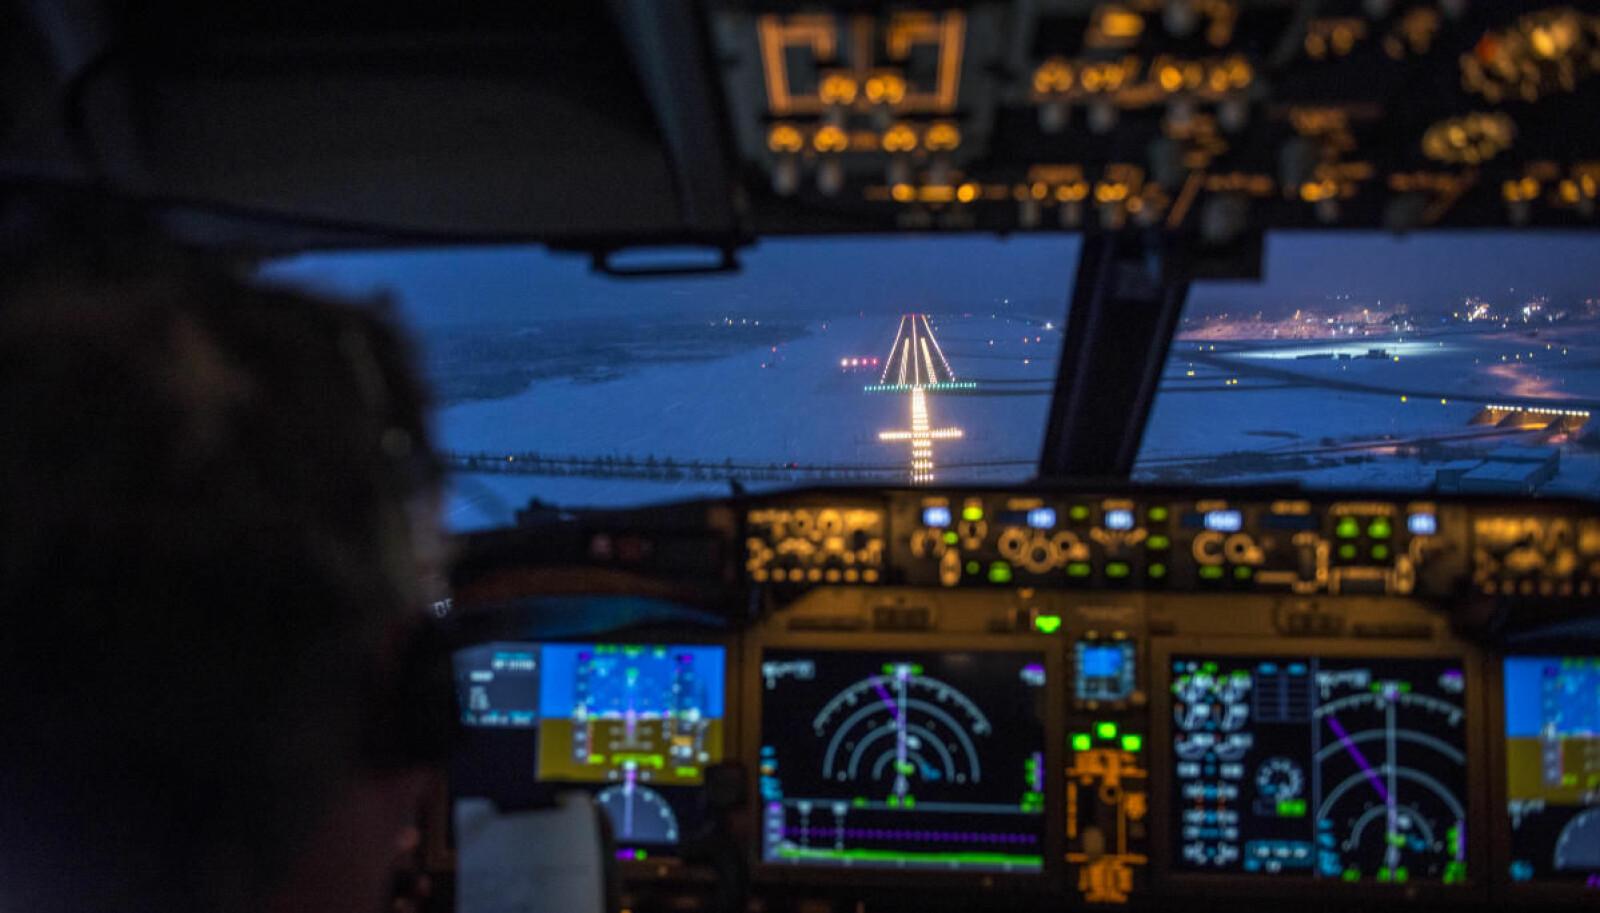 <b>FINALEN:</b> Landingen skjer automatisk når rullebanen på Arlanda dukker opp i snødrevet og markerer slutten på den 8000 km lange turen.